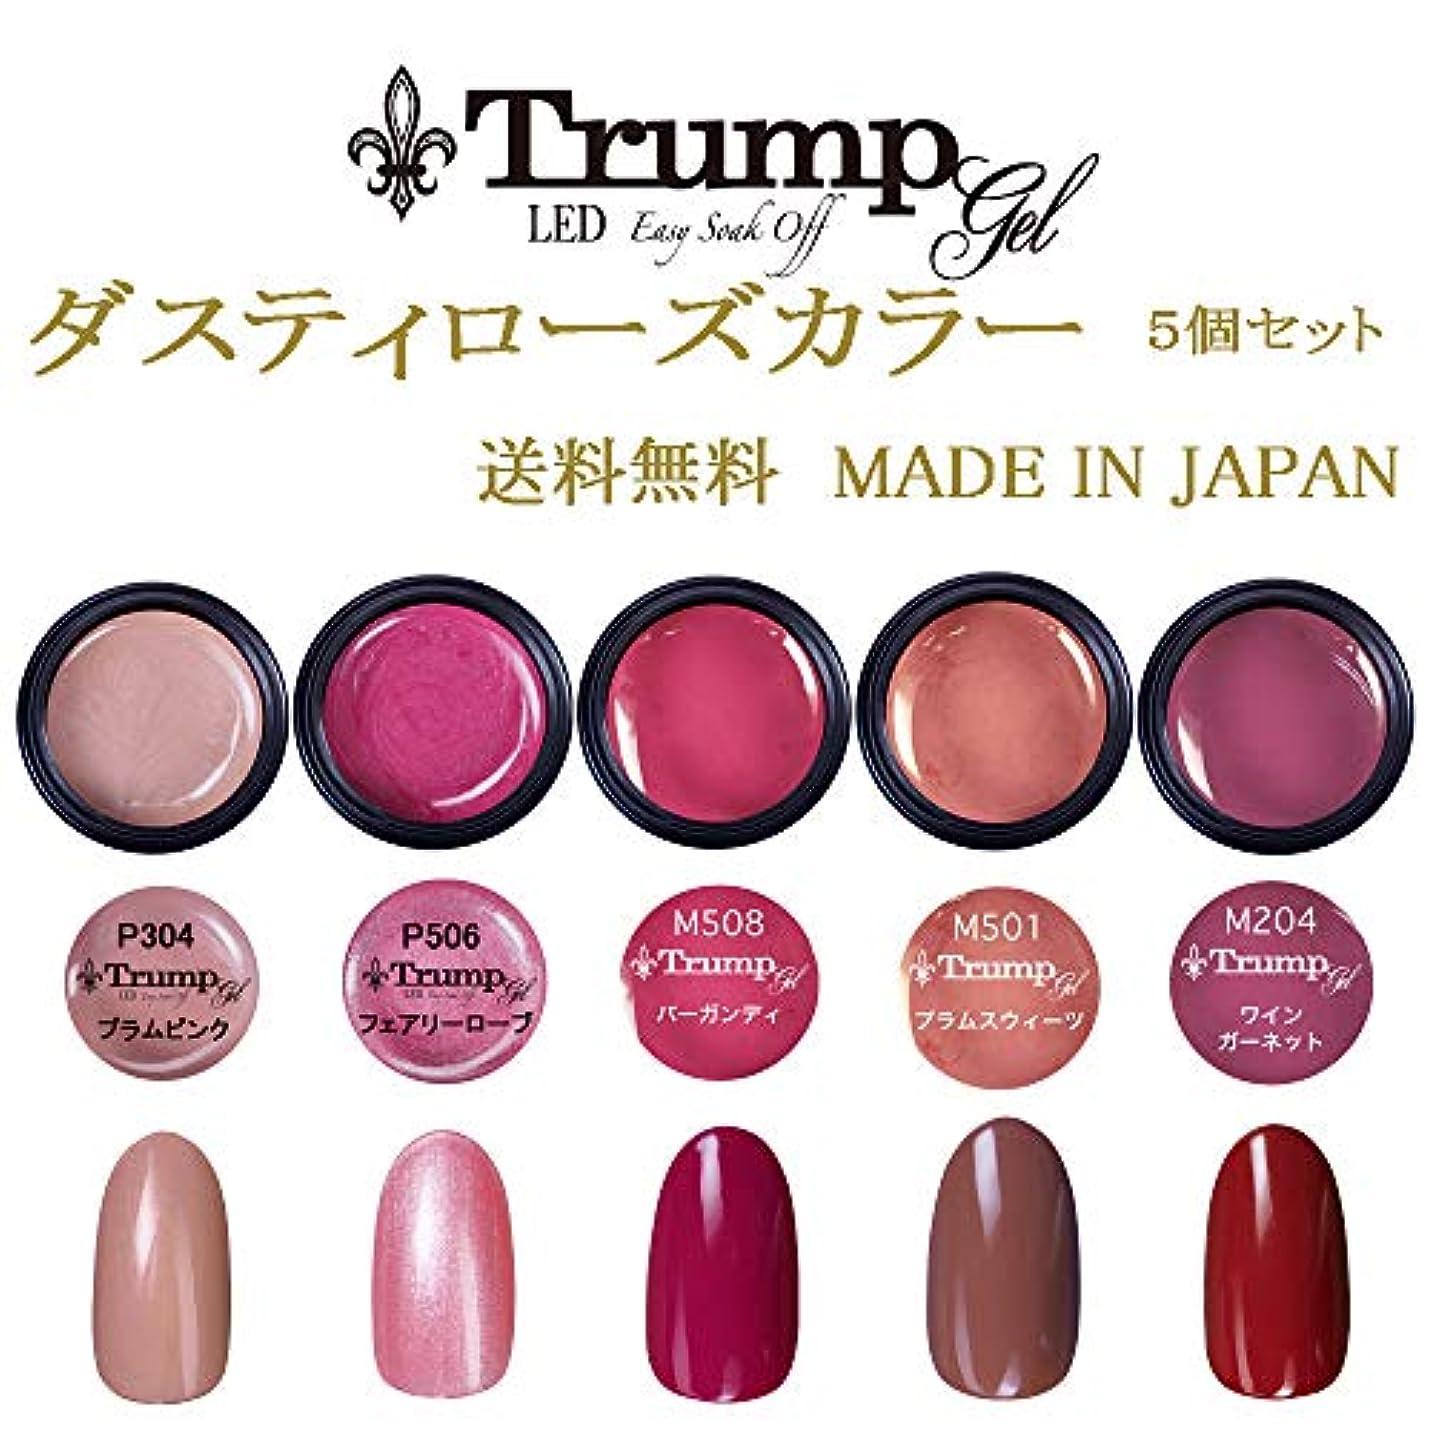 くびれたどう?集中【送料無料】日本製 Trump gel トランプジェル ダスティローズカラージェル 5個セット スタイリッシュでオシャレな 白べっ甲カラージェルセット